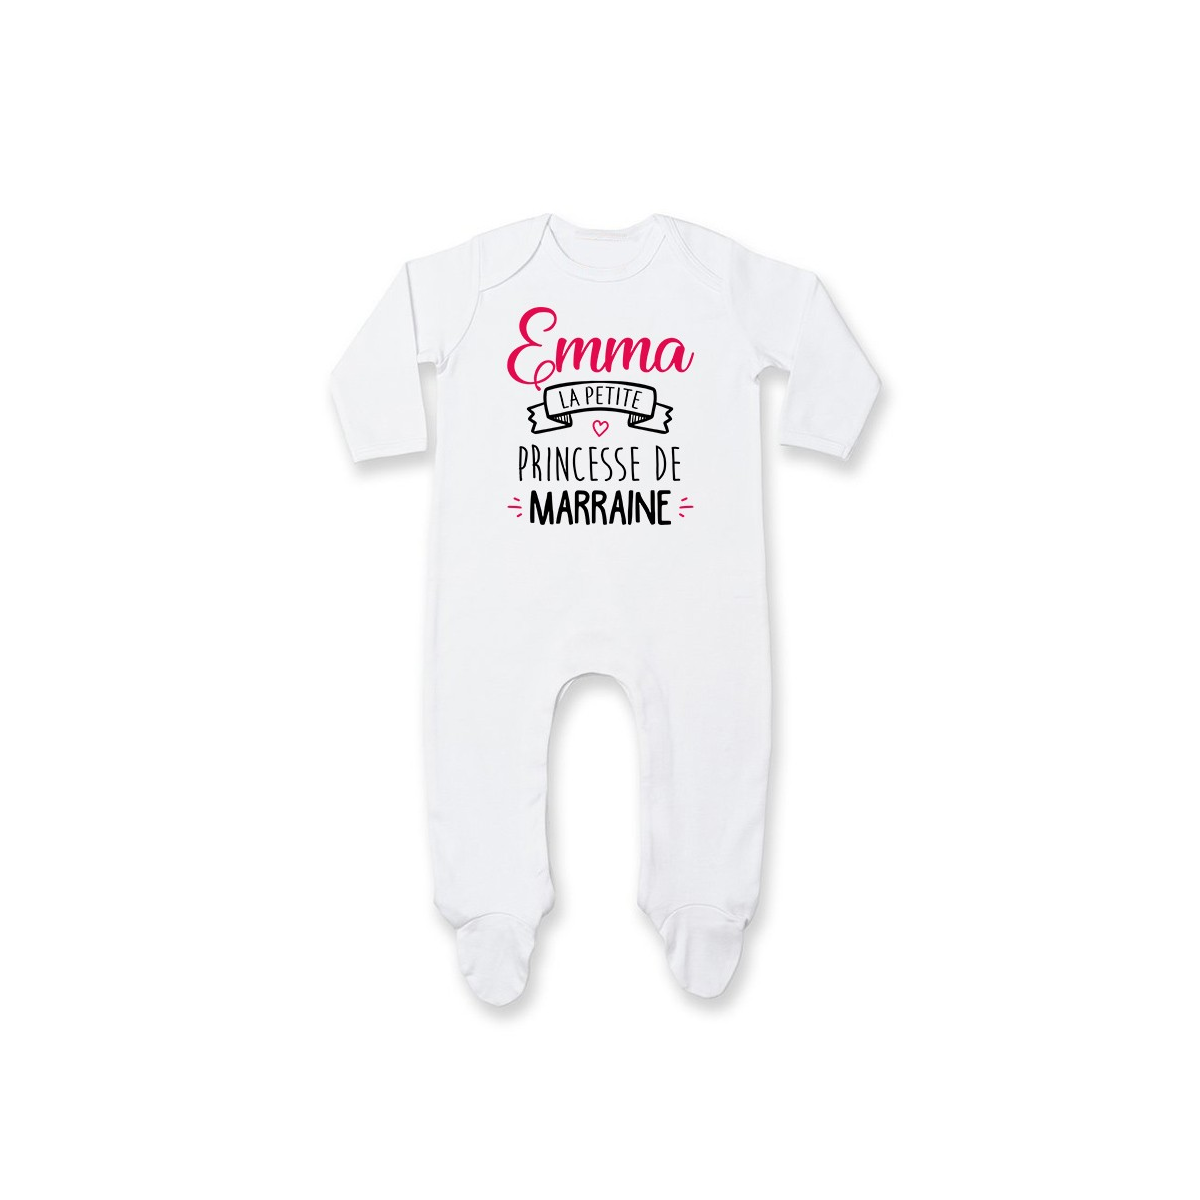 """Pyjama bébé personnalisé """" Prénom """" la petite princesse de marraine"""